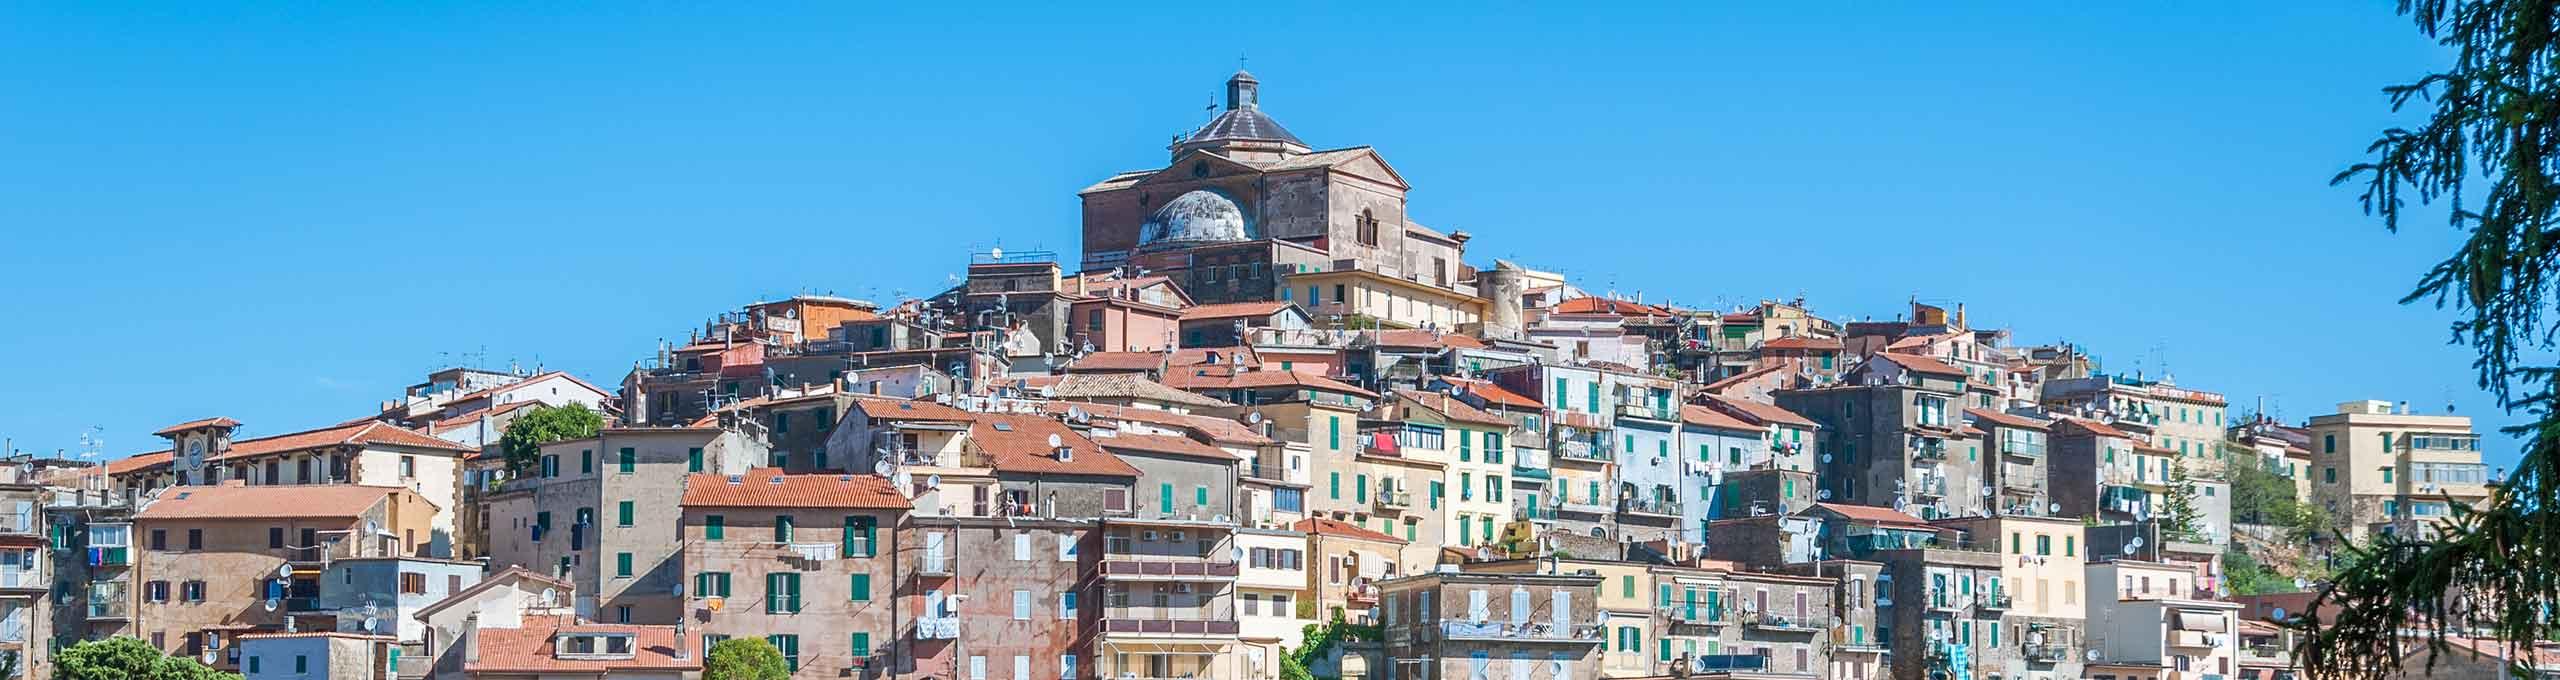 Monte Porzio, Castelli Romani